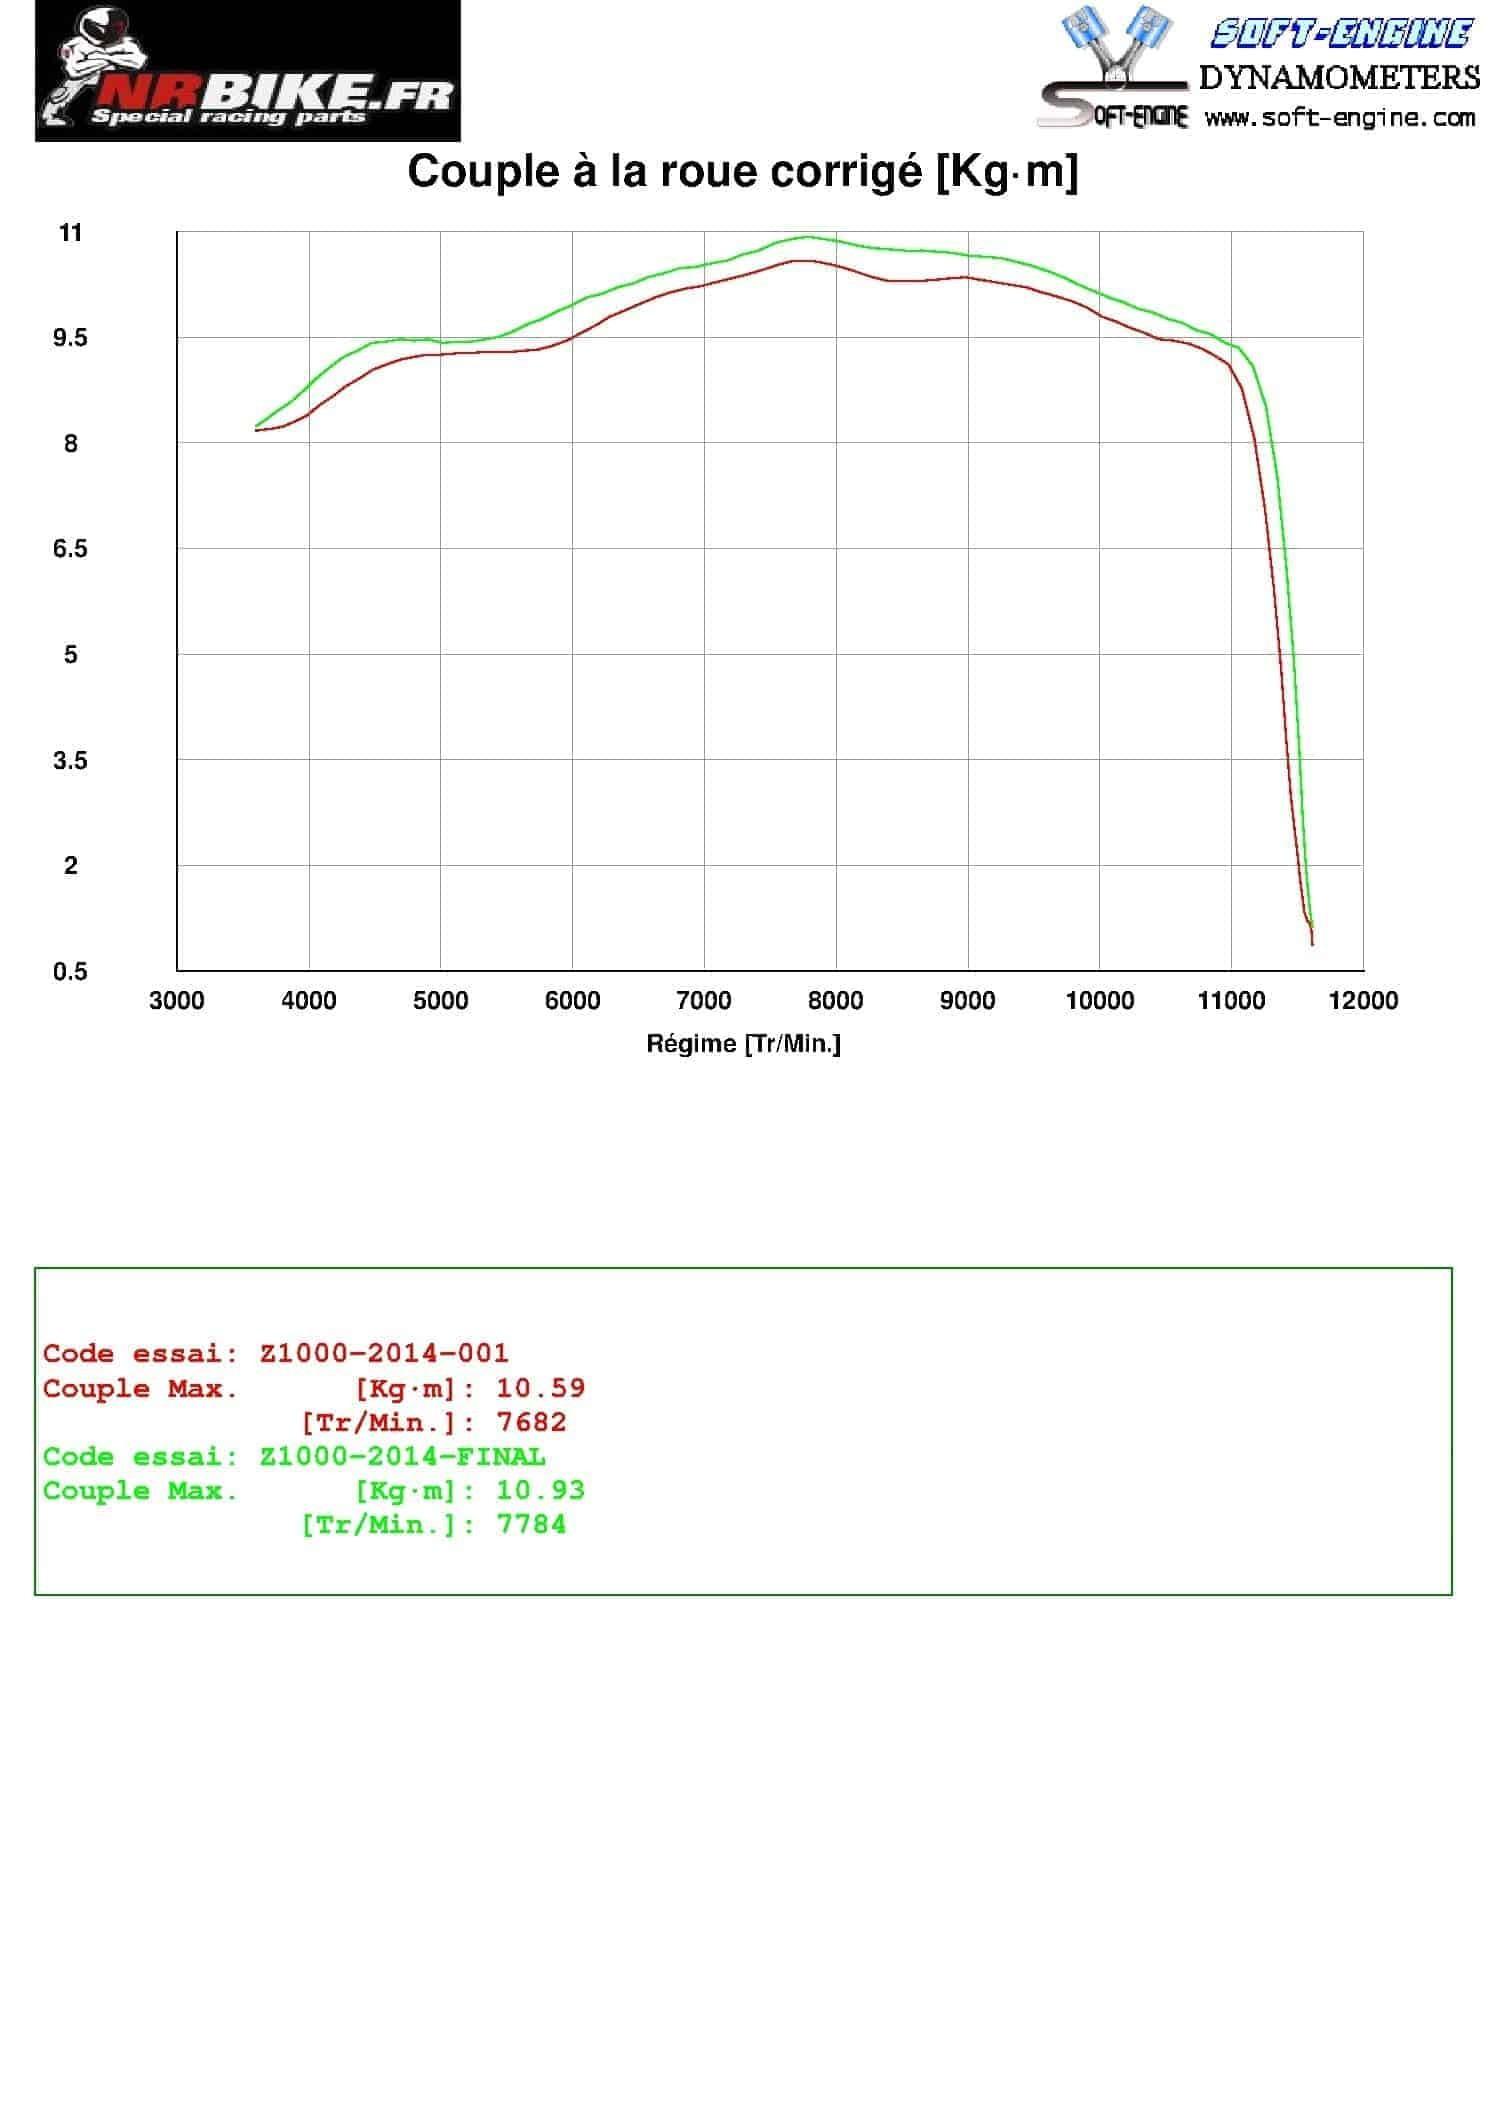 COUPLE A LA ROUE ARRIERE AVEC LIGNE COMPLETE (MOTEUR + 12.5%)